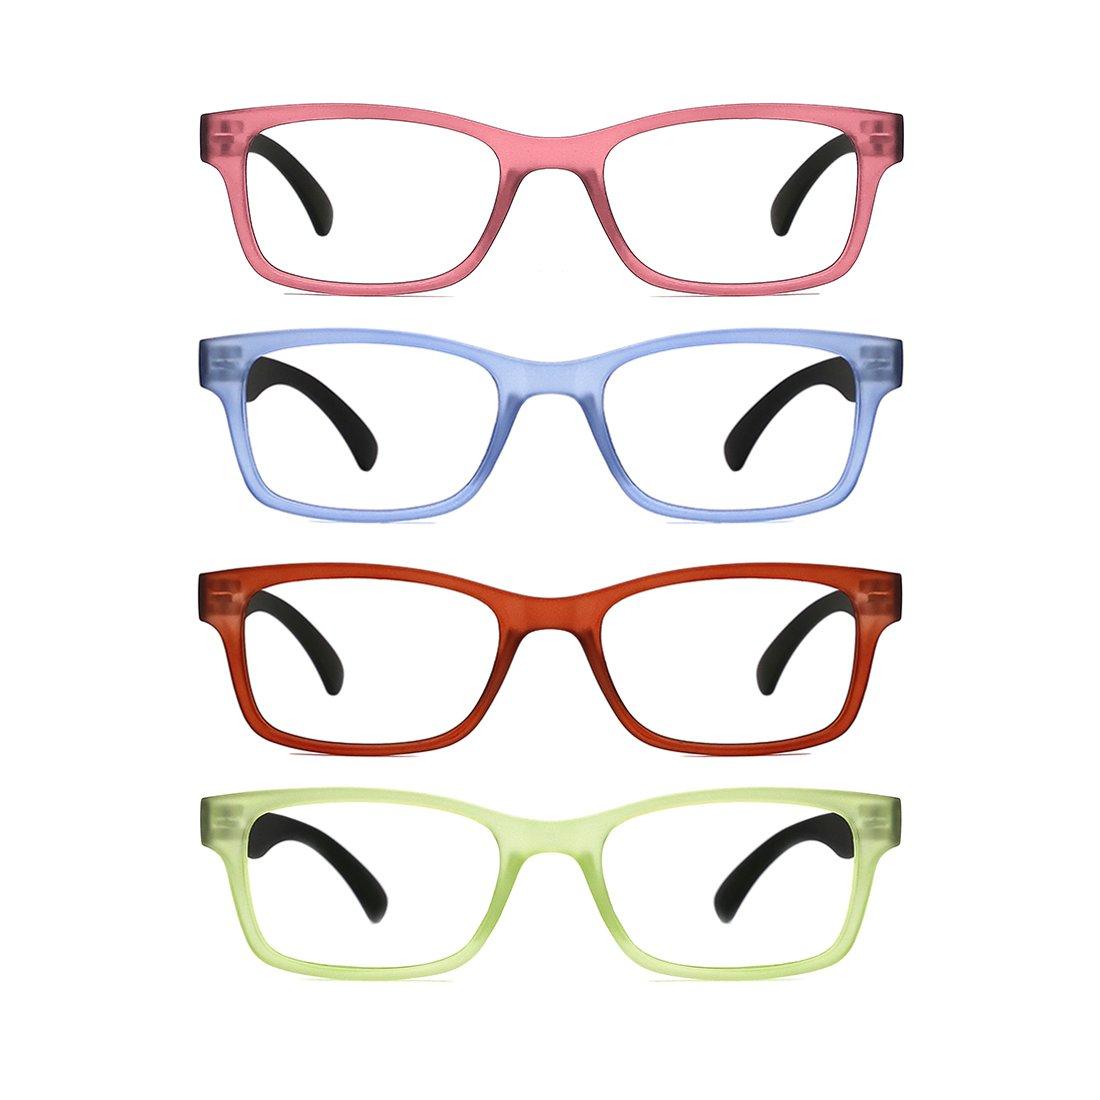 TIJN 4 Packs Screwless Comfort Reading Glasses Fashion Readers Eyeglasses for Reading Men Women(+3.0)